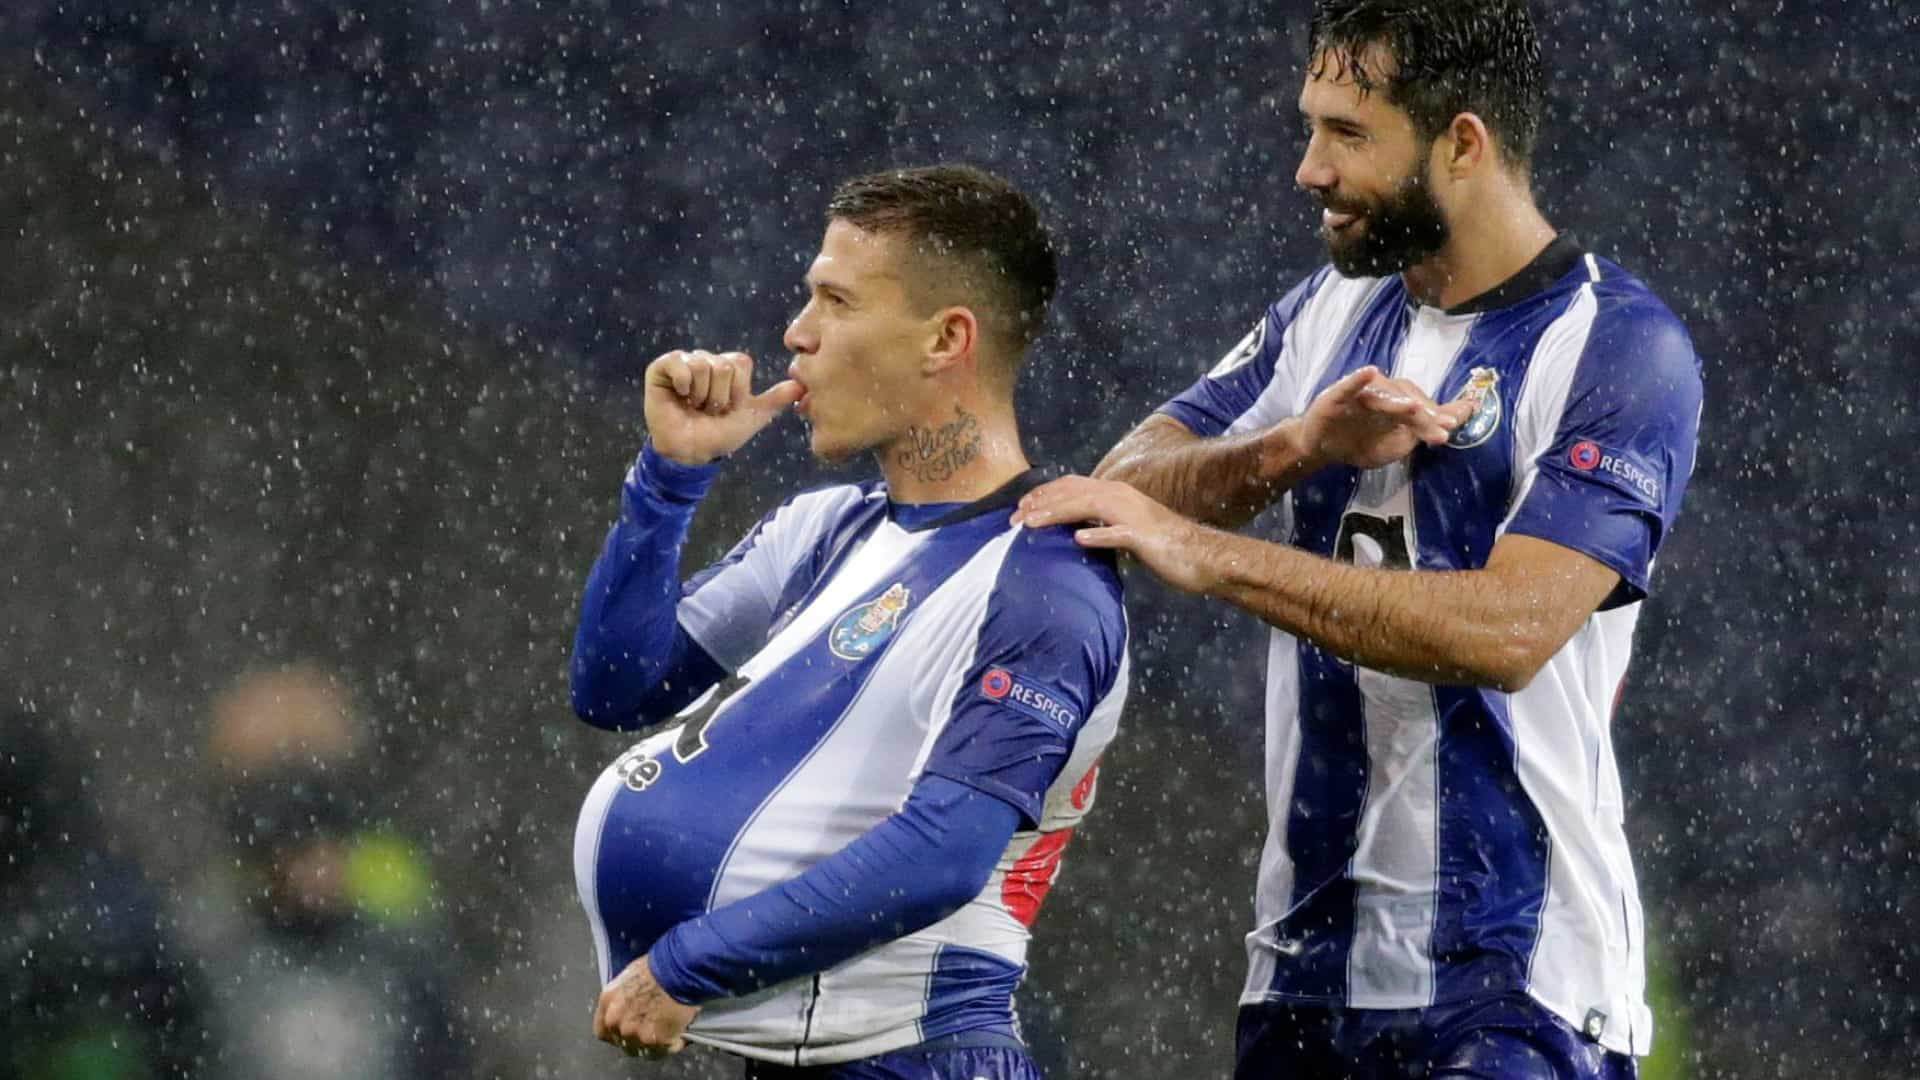 Saiba o que disse a imprensa internacional sobre o FC Porto-Lokomotiv 461dcd915ba81